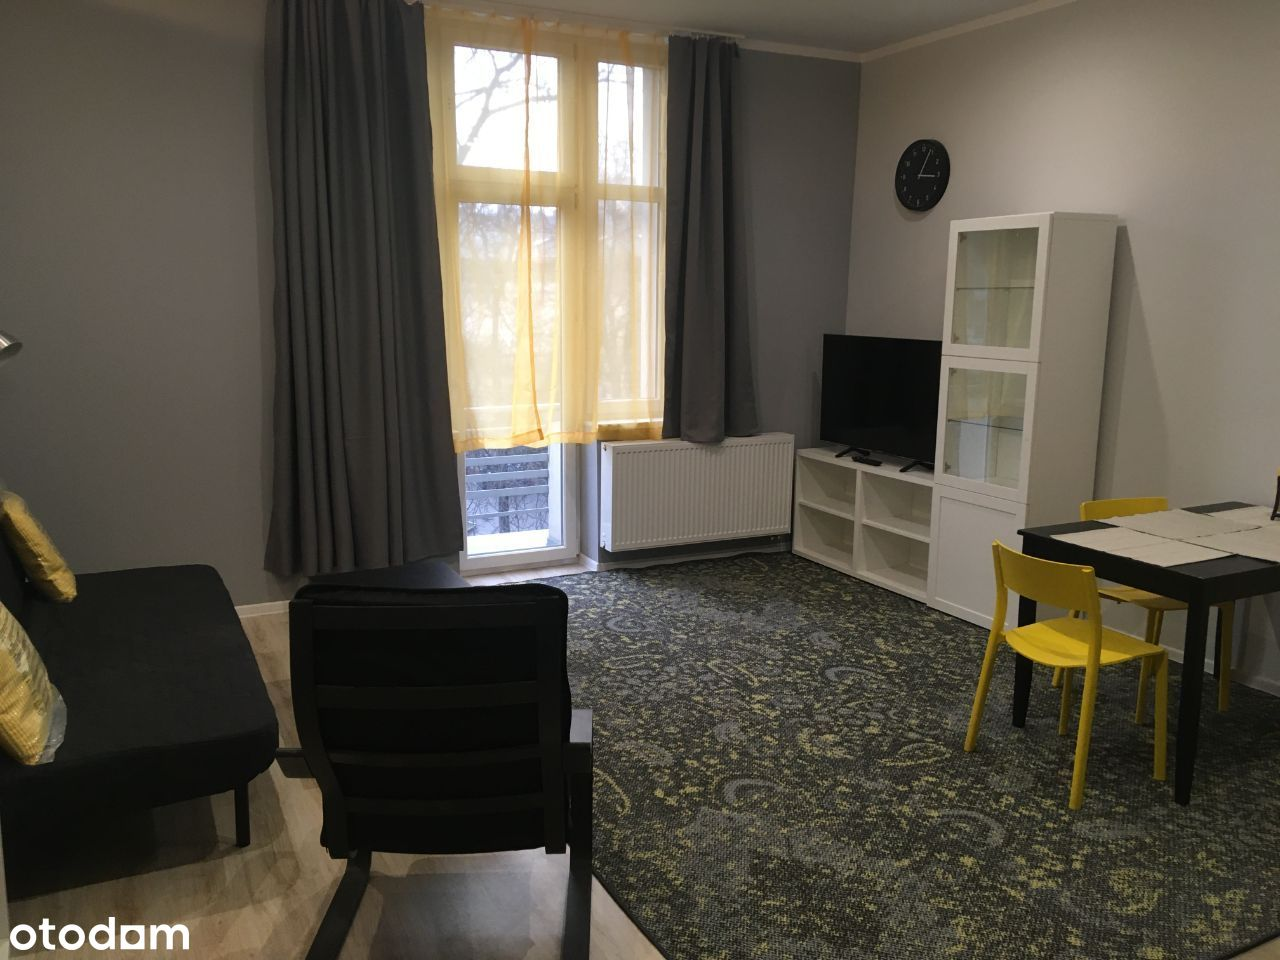 Mieszkanie 46m ścisłe centrum Sosnowca- umeblowane